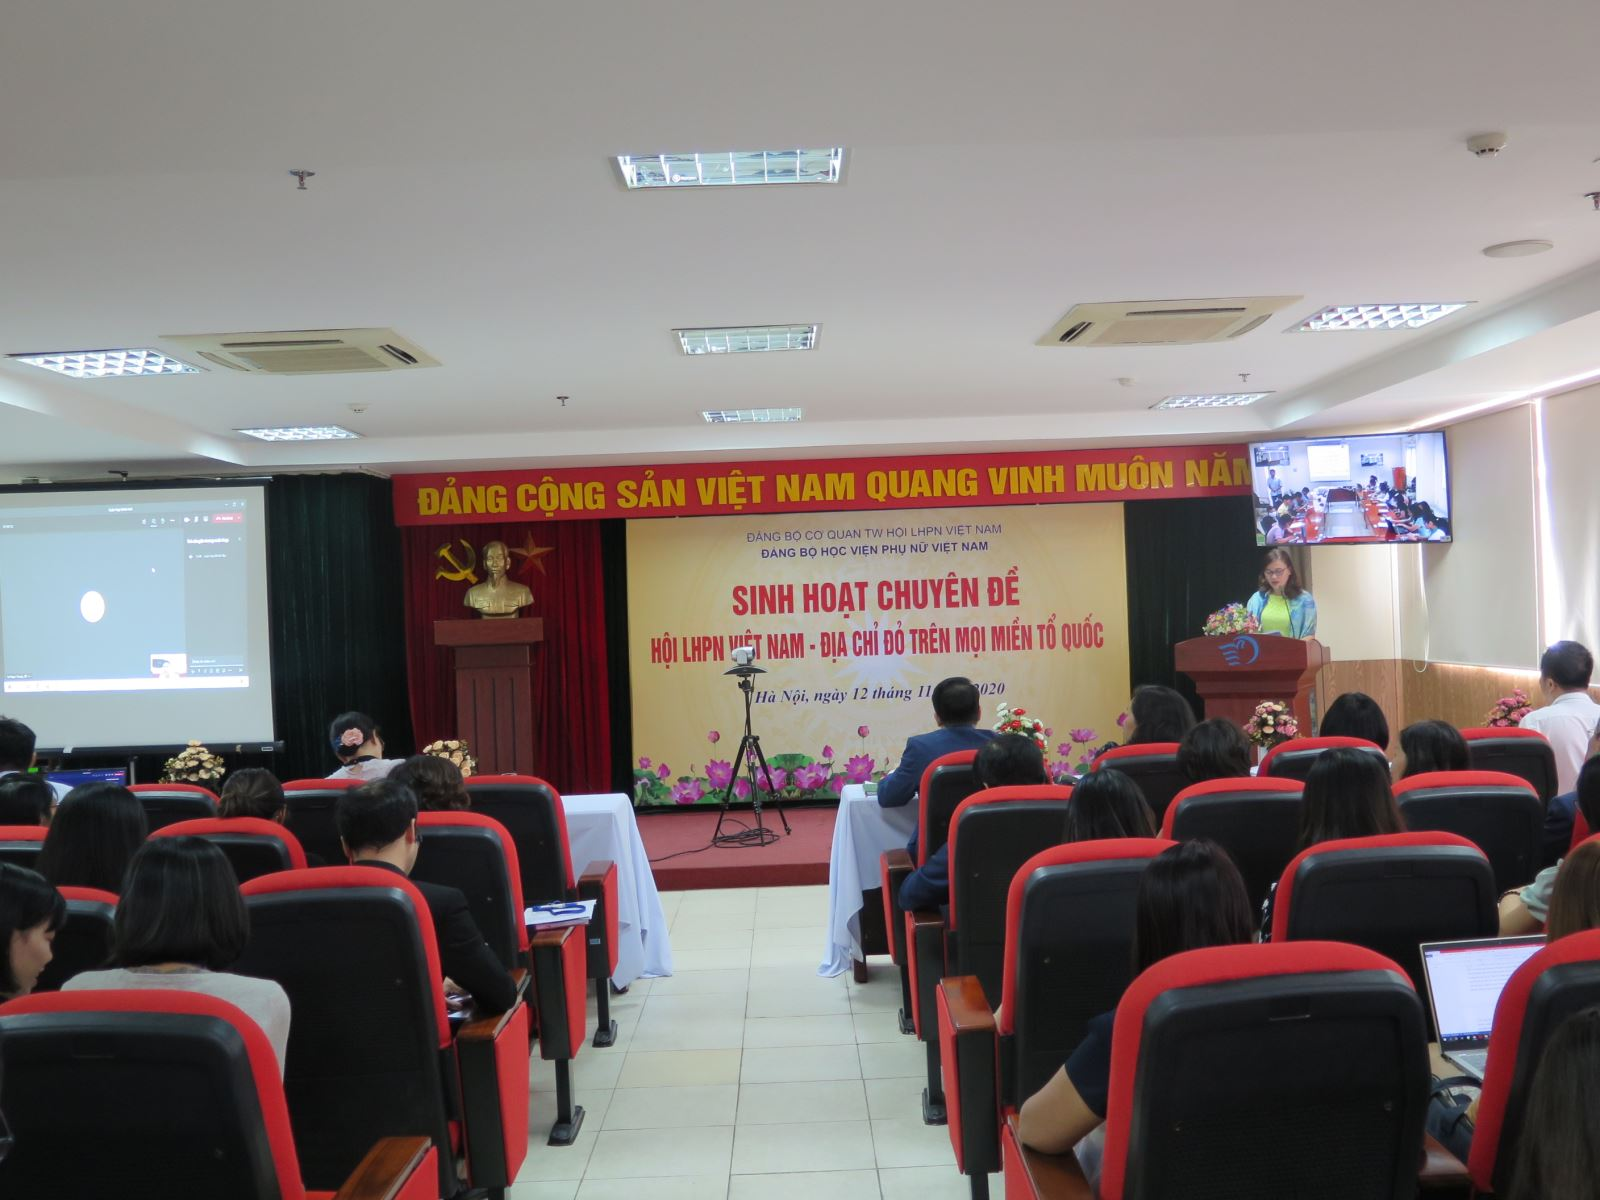 """Sinh hoạt chuyên đề """"Hội Liên hiệp Phụ nữ Việt Nam, địa chỉ đỏ trên mọi miền tổ quốc"""""""